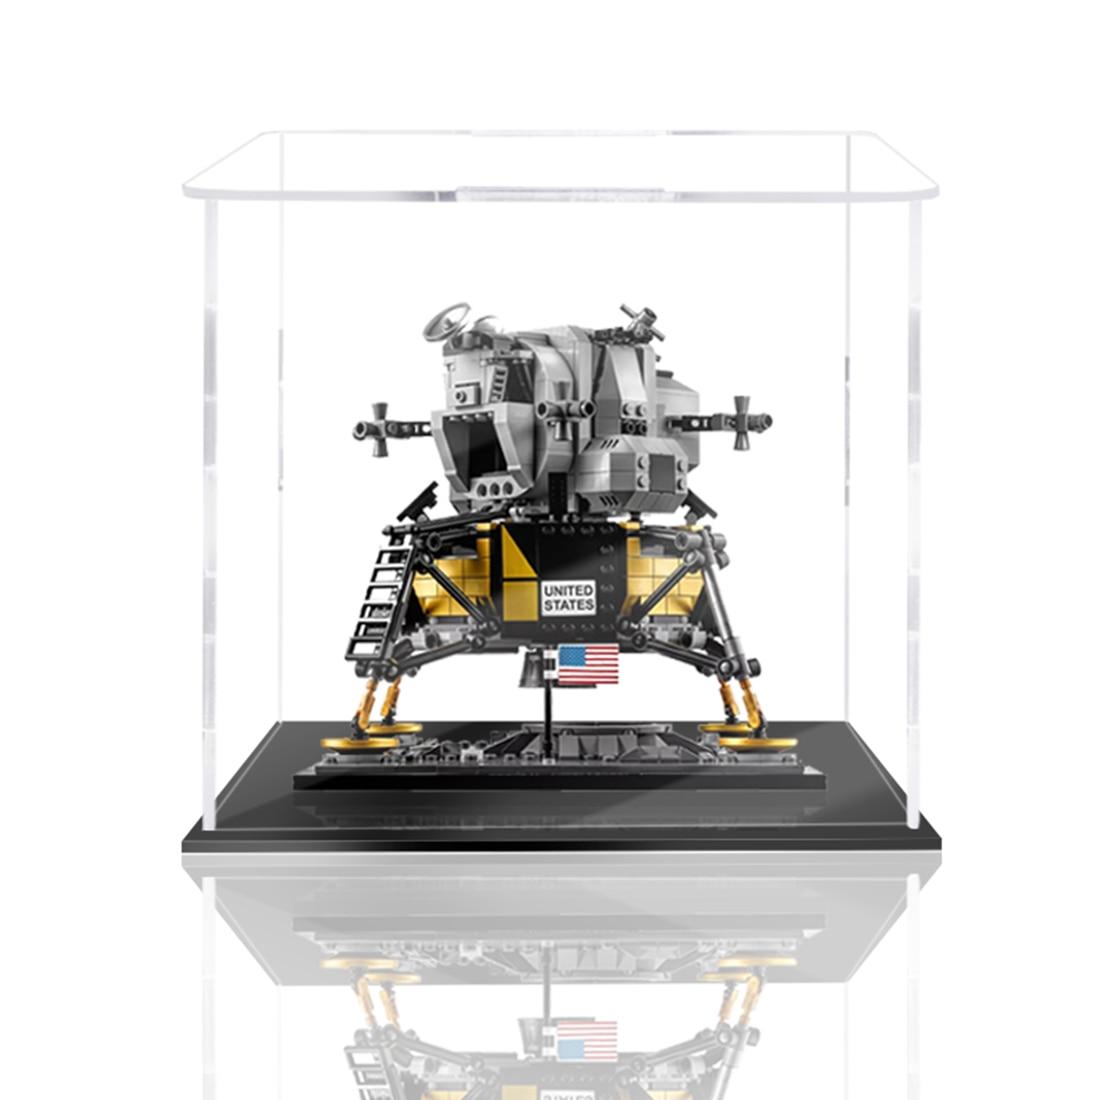 caixa de exibicao dustproof acrilica do bloco de construcao para o modulo lunar 10266 de apollo